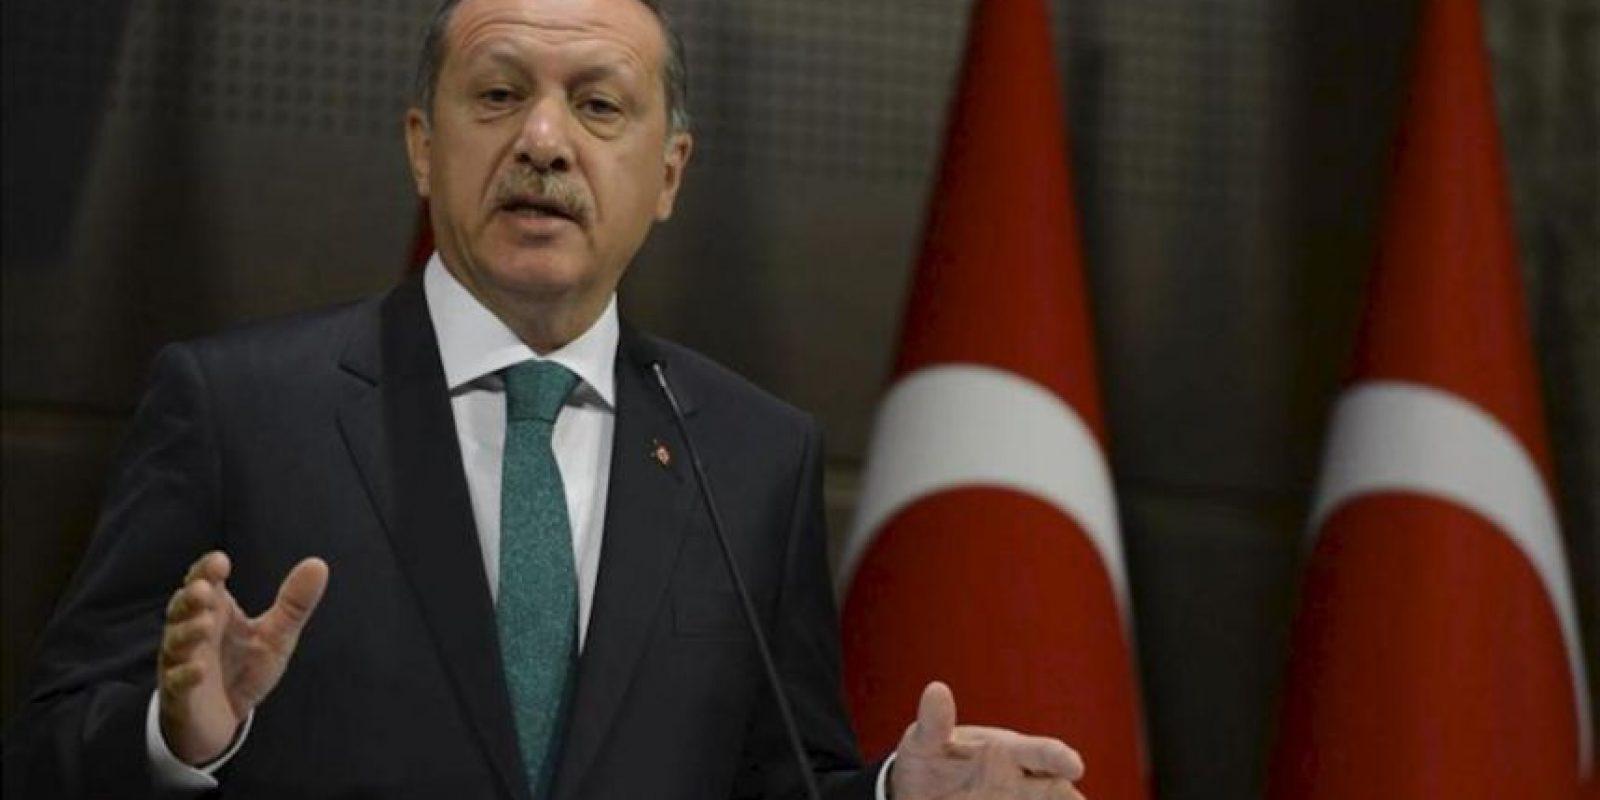 Fotografía facilitada por el gobierno turco que muestra al primer ministro turco, Recep Tayipp Erdogan, durante una rueda de prensa en ankara (Turquía). EFE